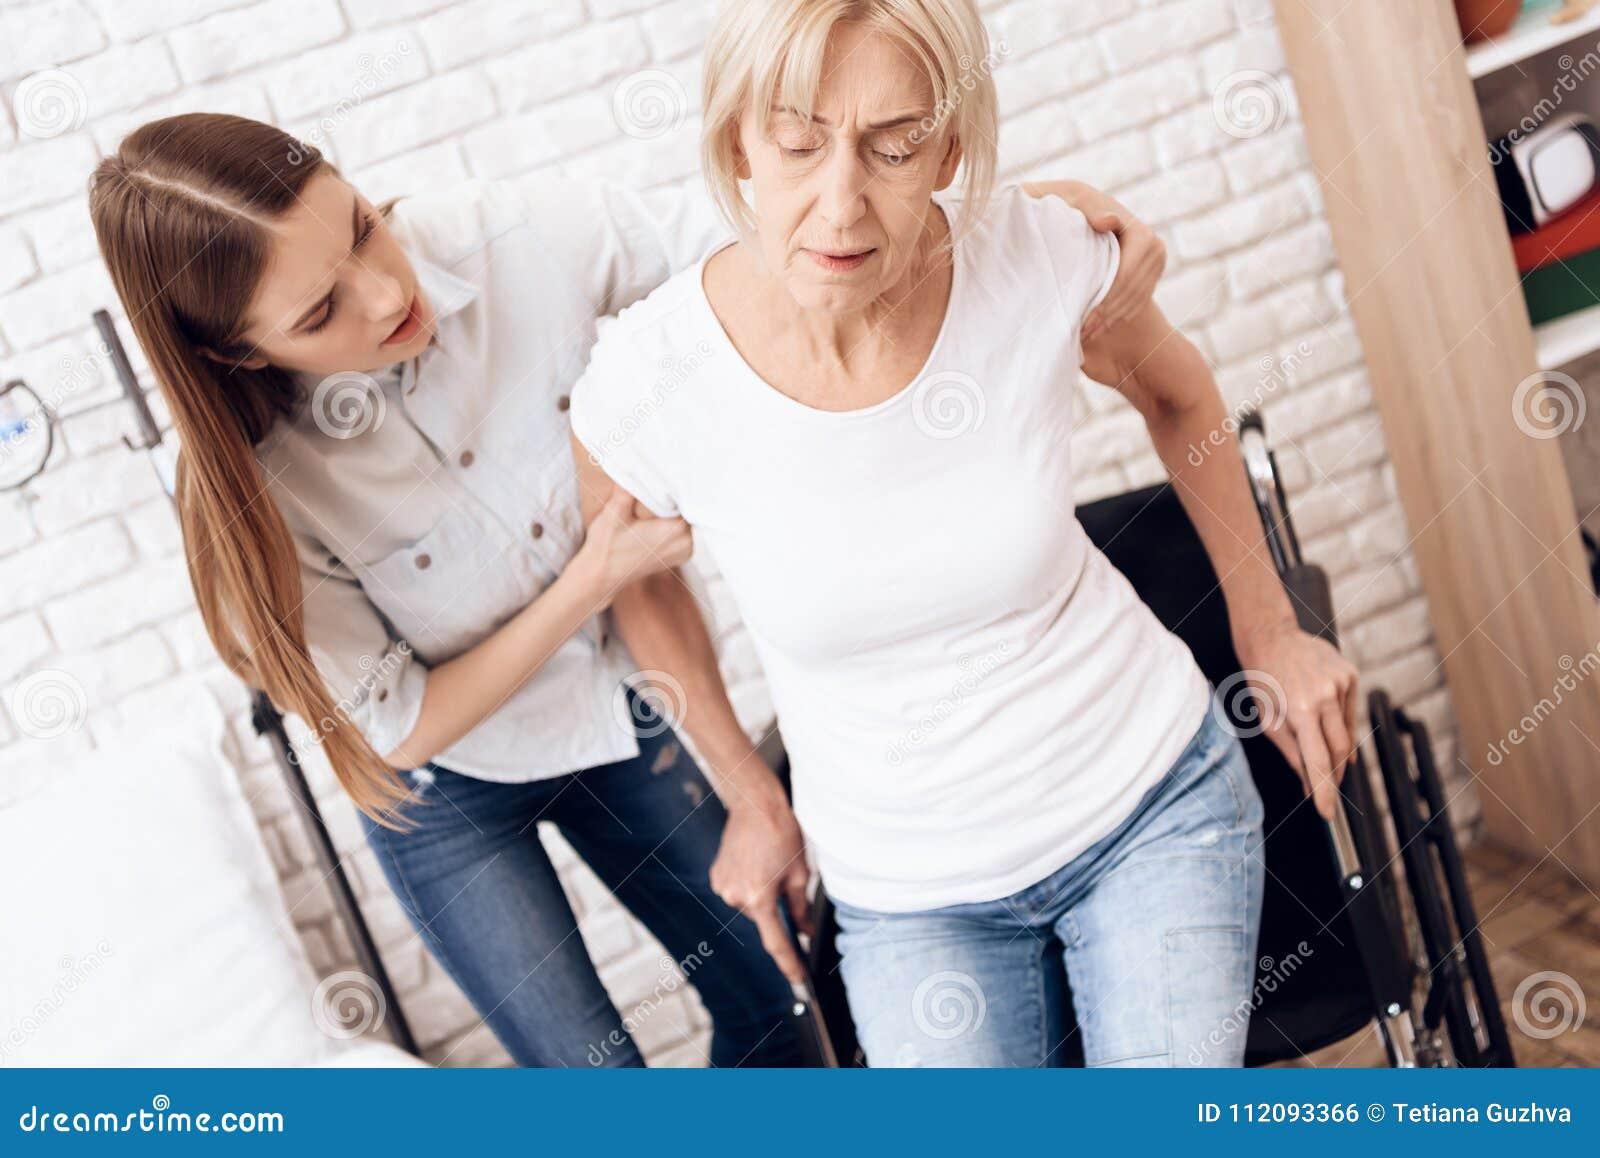 La fille soigne la femme agée à la maison La fille aide la femme à entrer dans le fauteuil roulant